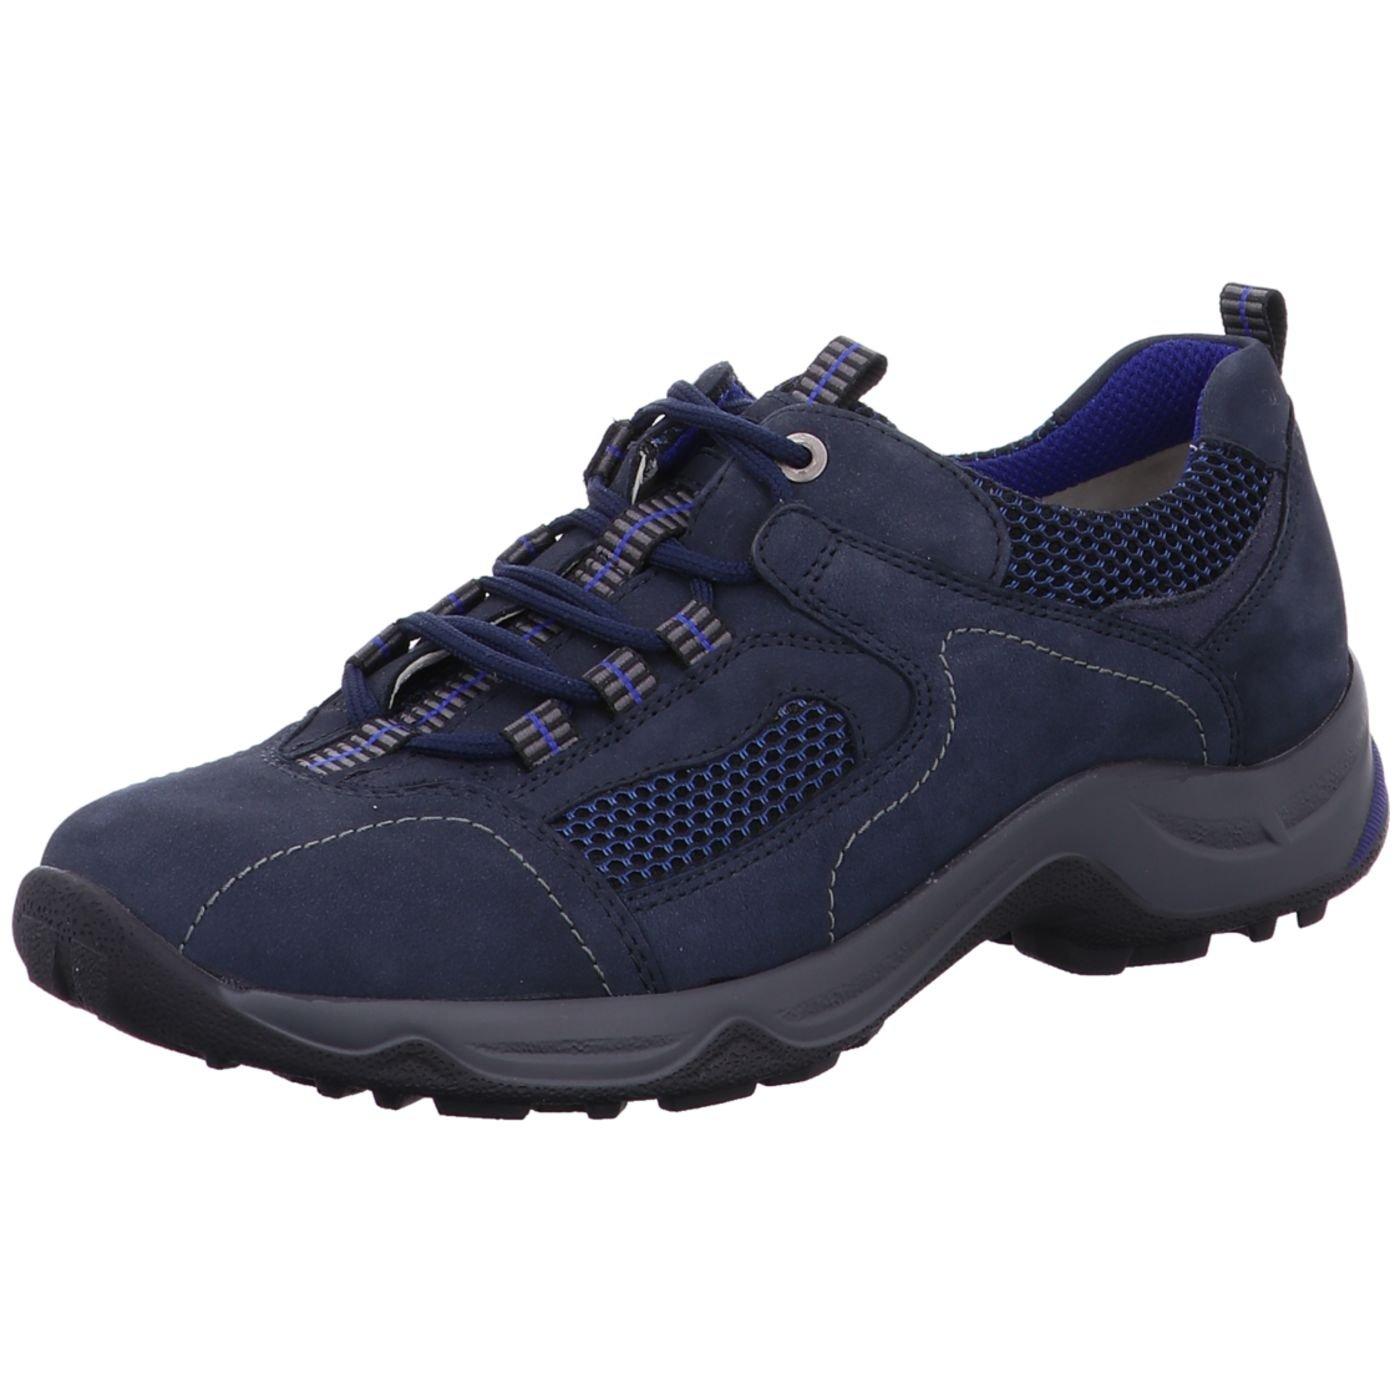 Waldläufer Chaussures Lacets de Ville à 19952 Lacets Femme Pour Femme Bleu ed5323d - epictionpvp.space